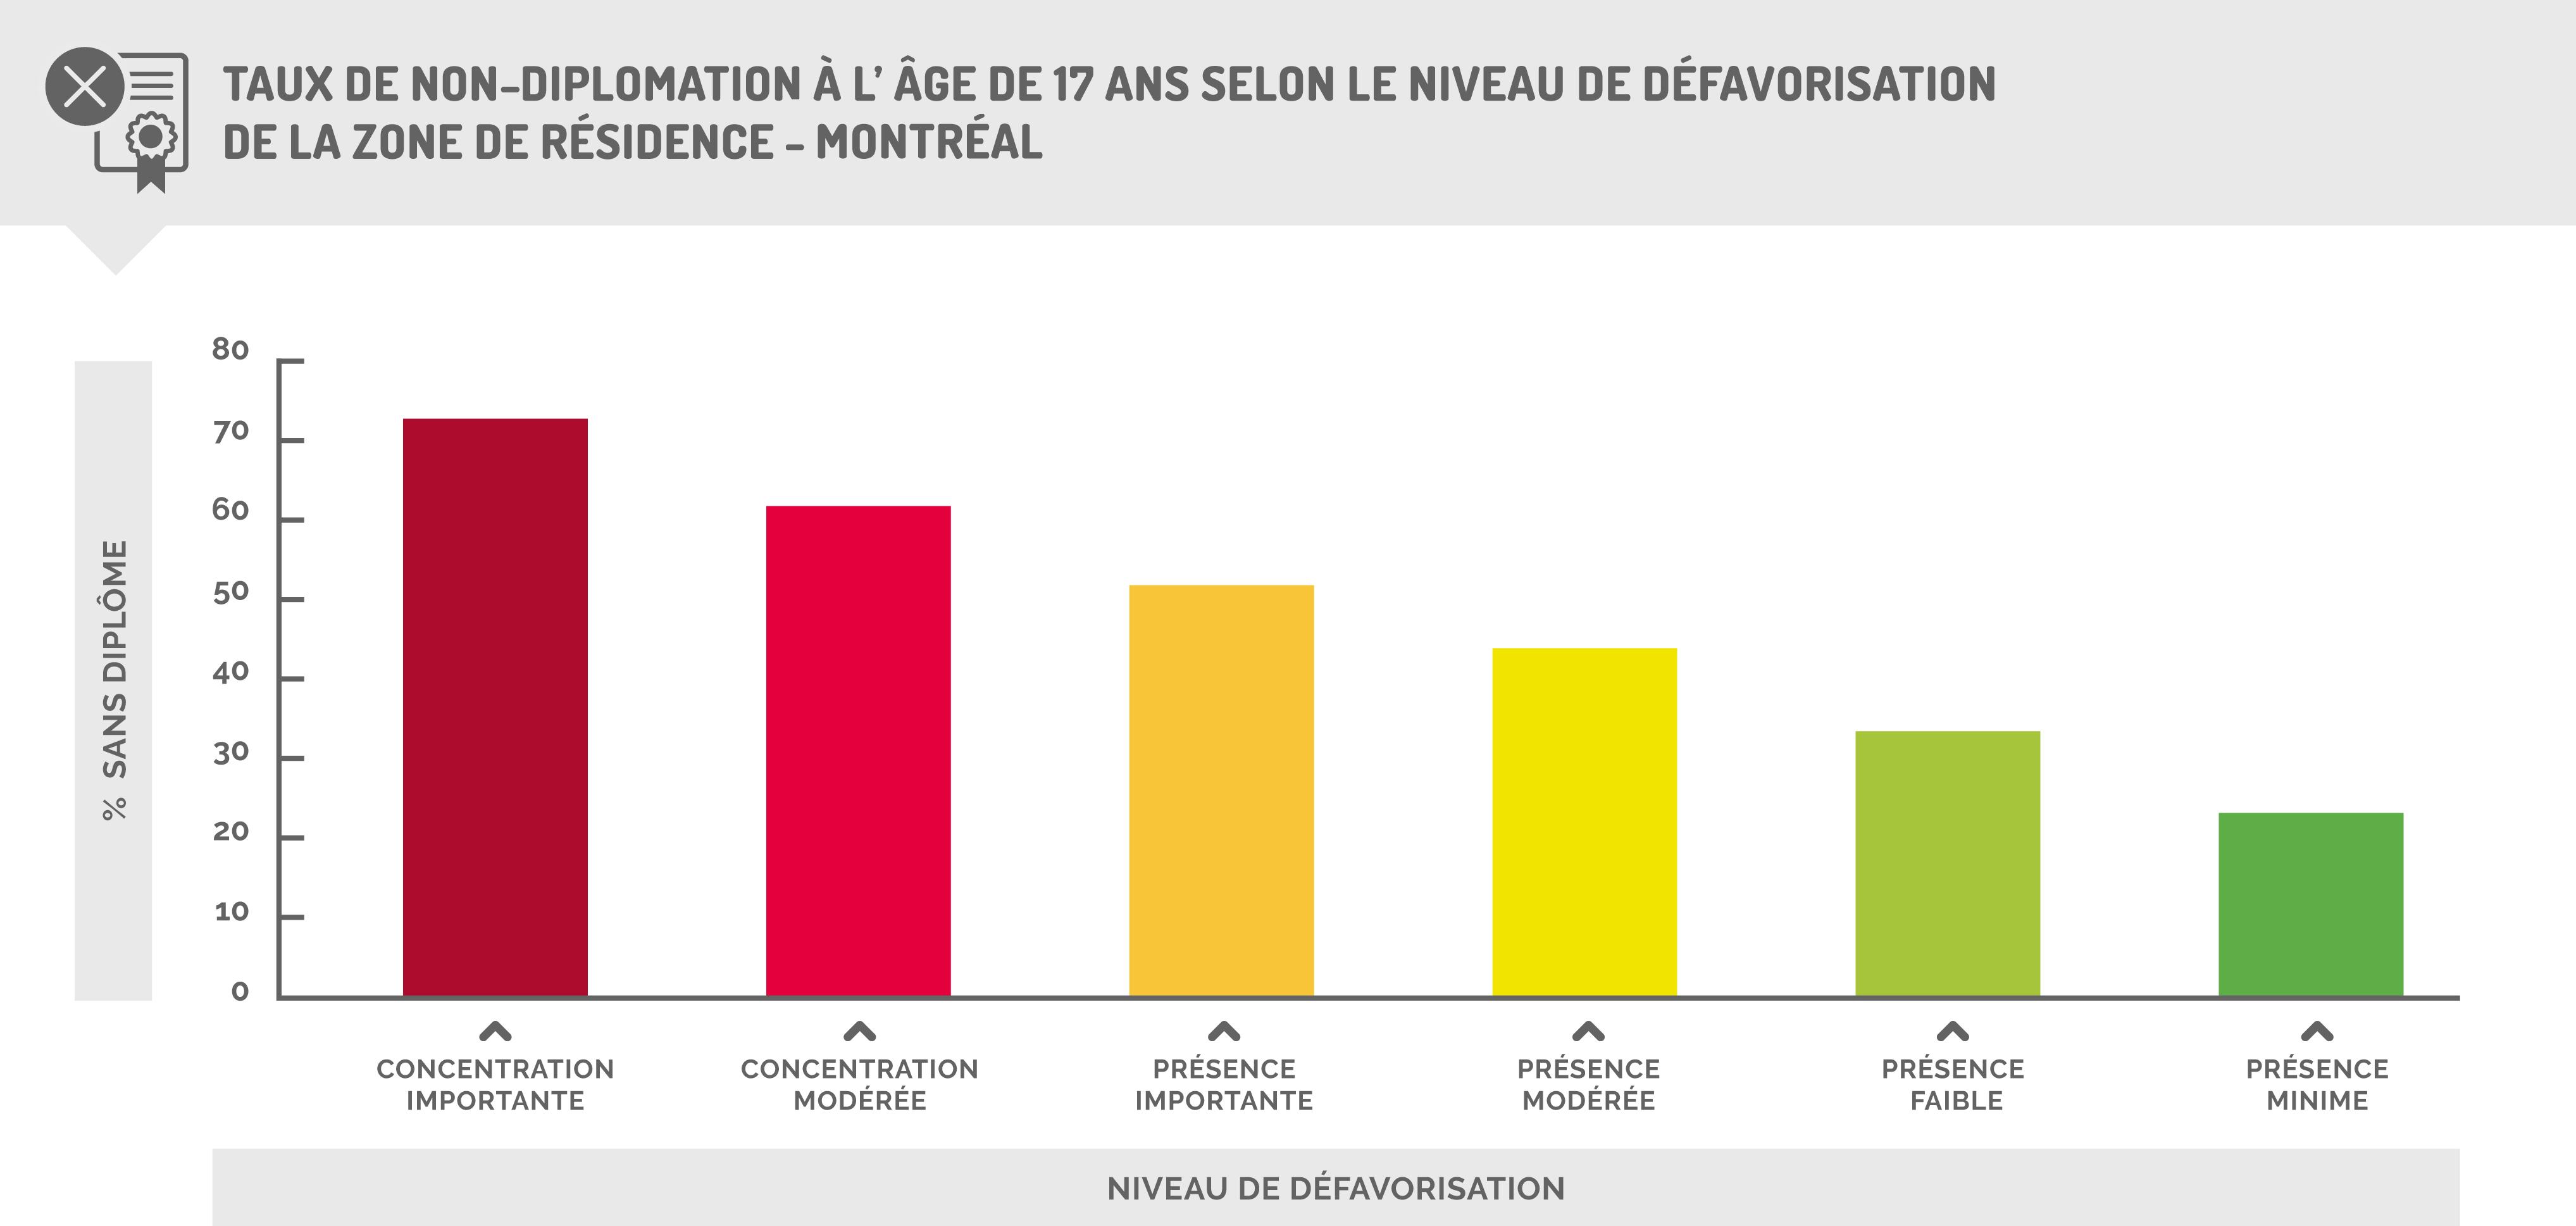 Taux de non-diplomation à l'âge de 17 ans selon le niveau de défavorisation de la zone de résidence